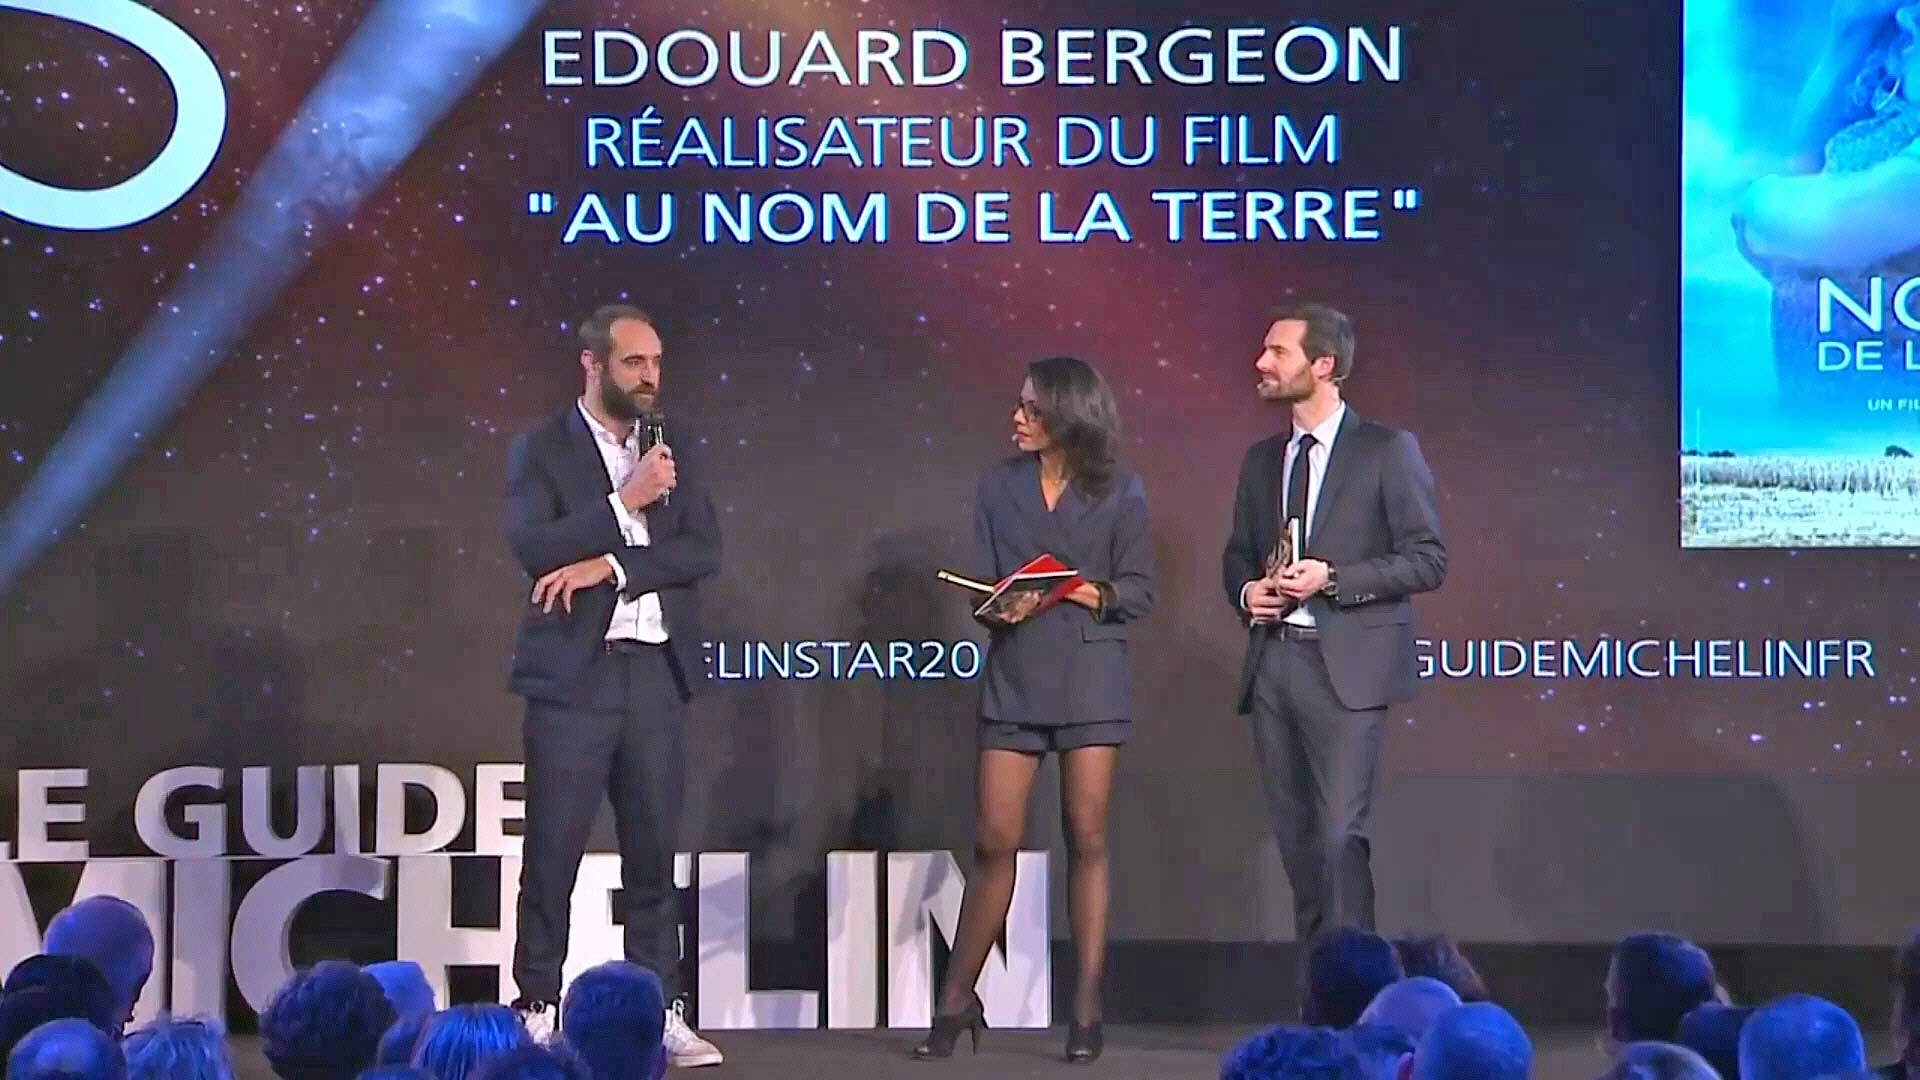 """Edouard Bergeon - Réalisateur du film """"Au nom de la terre"""""""